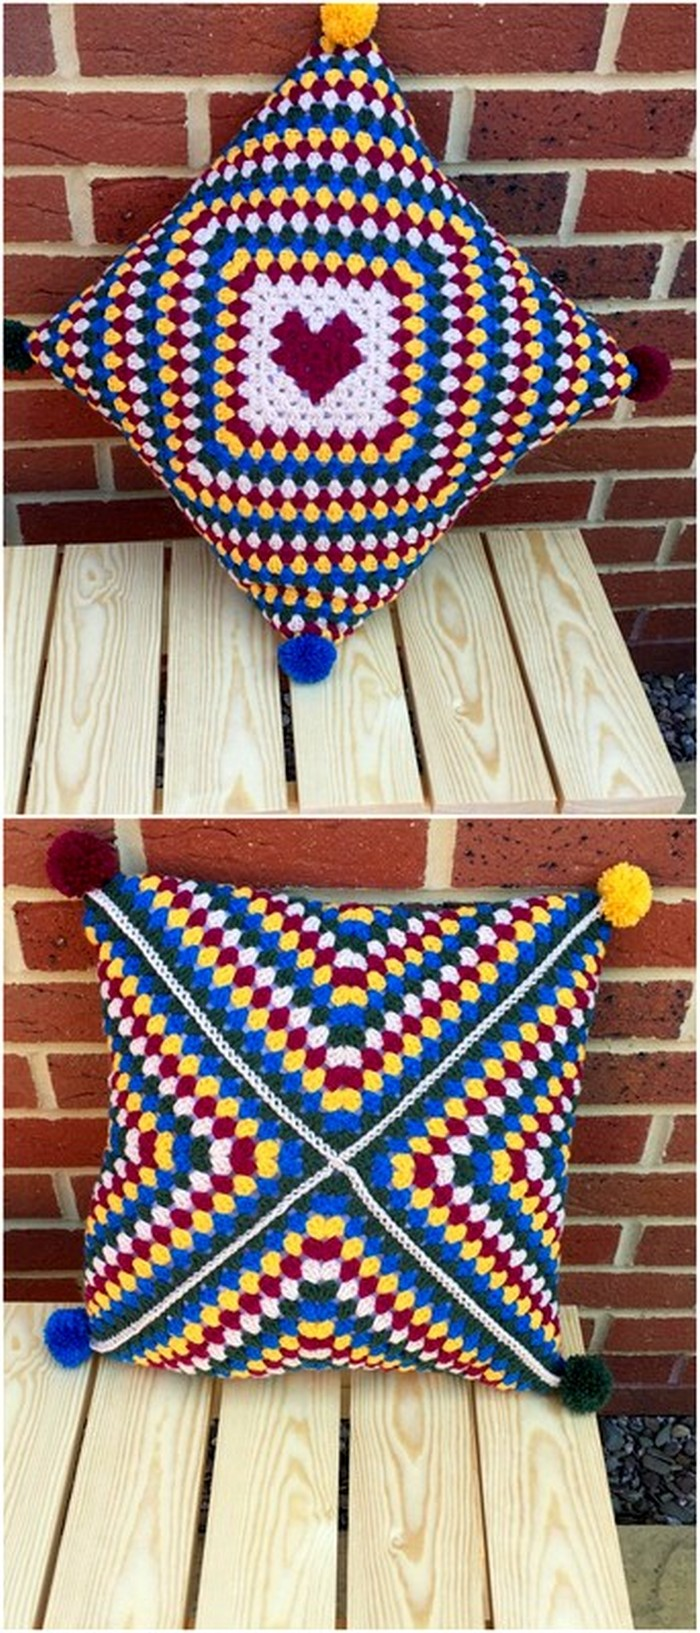 Stylish Pillow Free Crochet Pattern